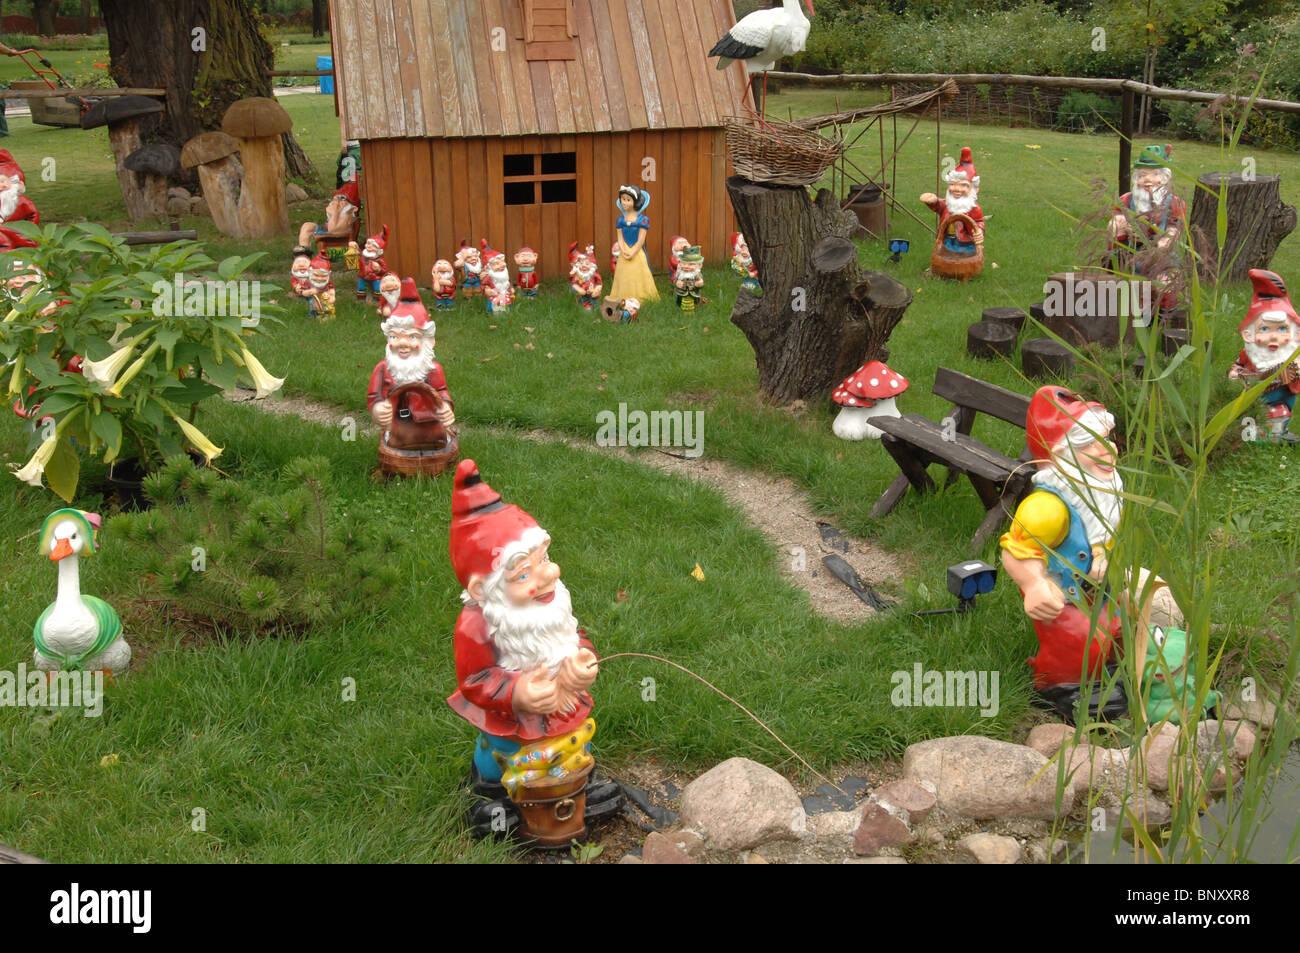 Garden Gnome Garden Stock Photos & Garden Gnome Garden Stock ...